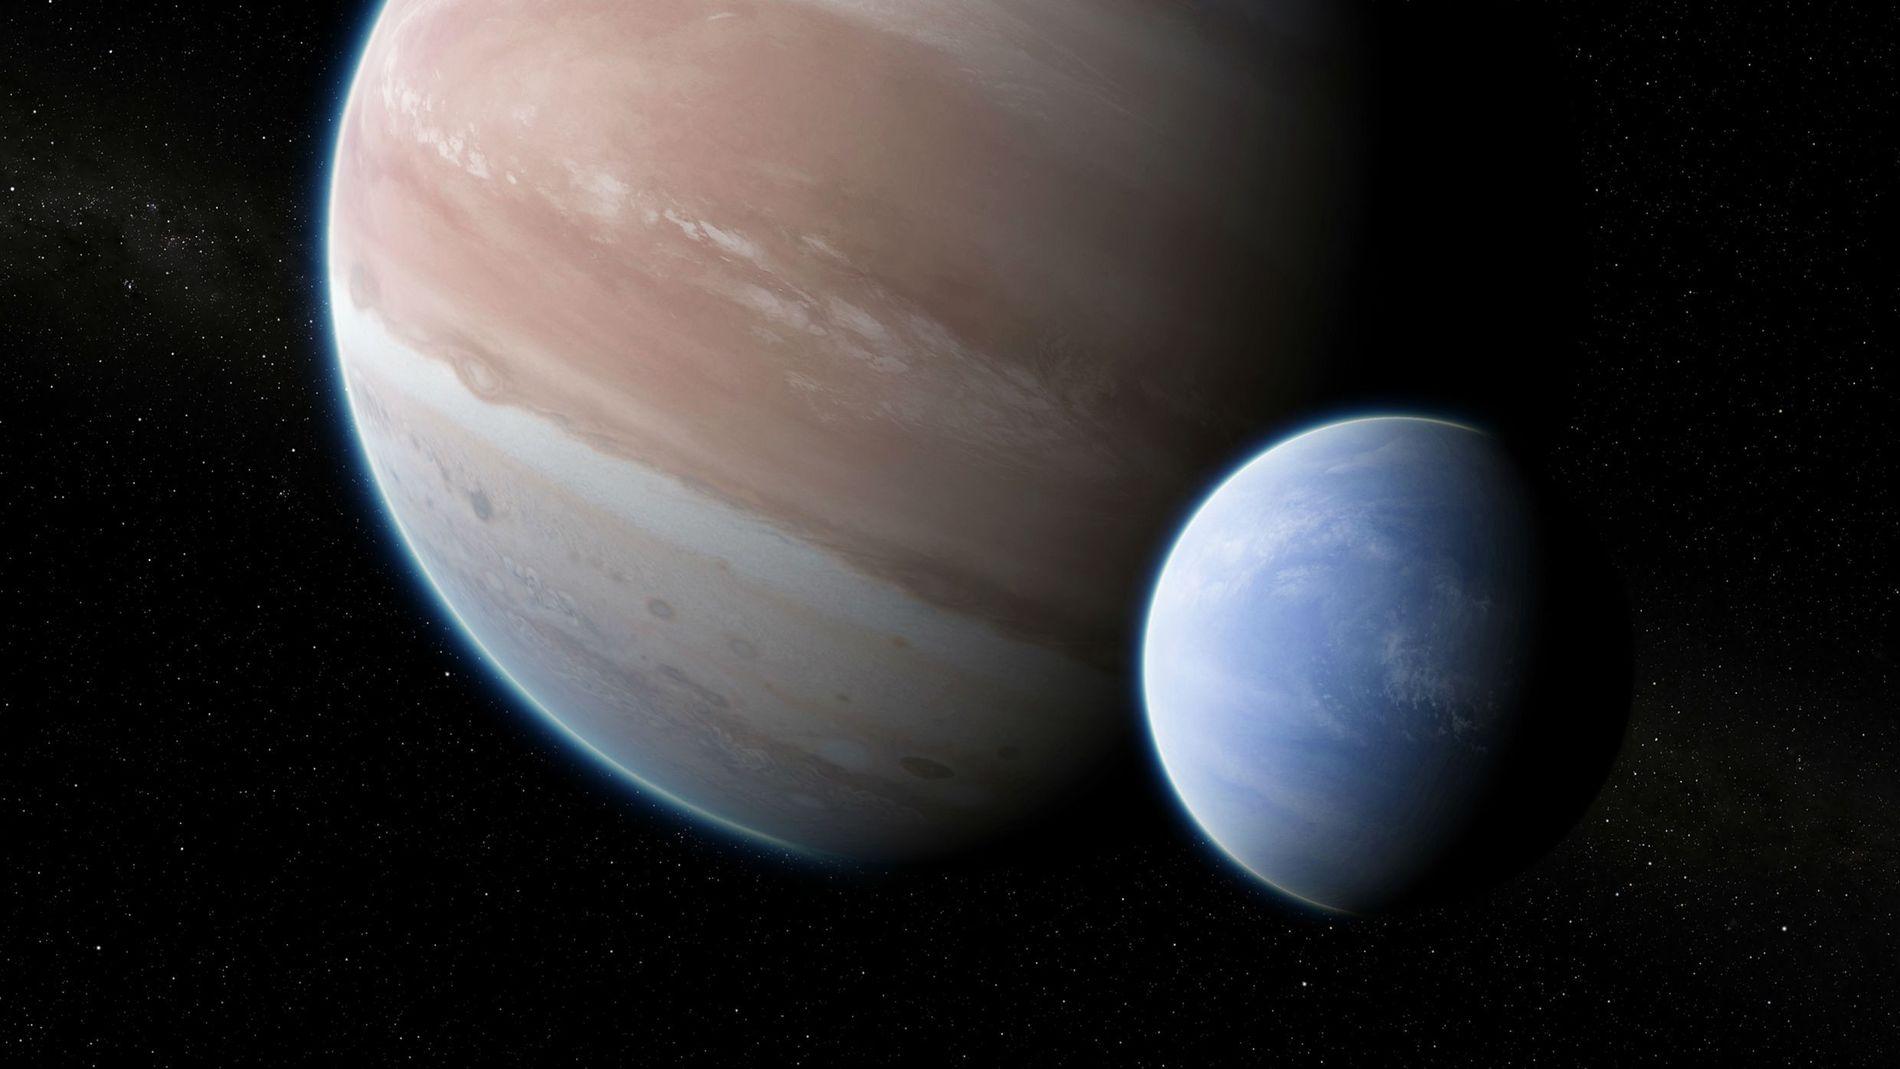 A large moon orbits the Jupiter-size planet Kepler 1625b in an illustration.